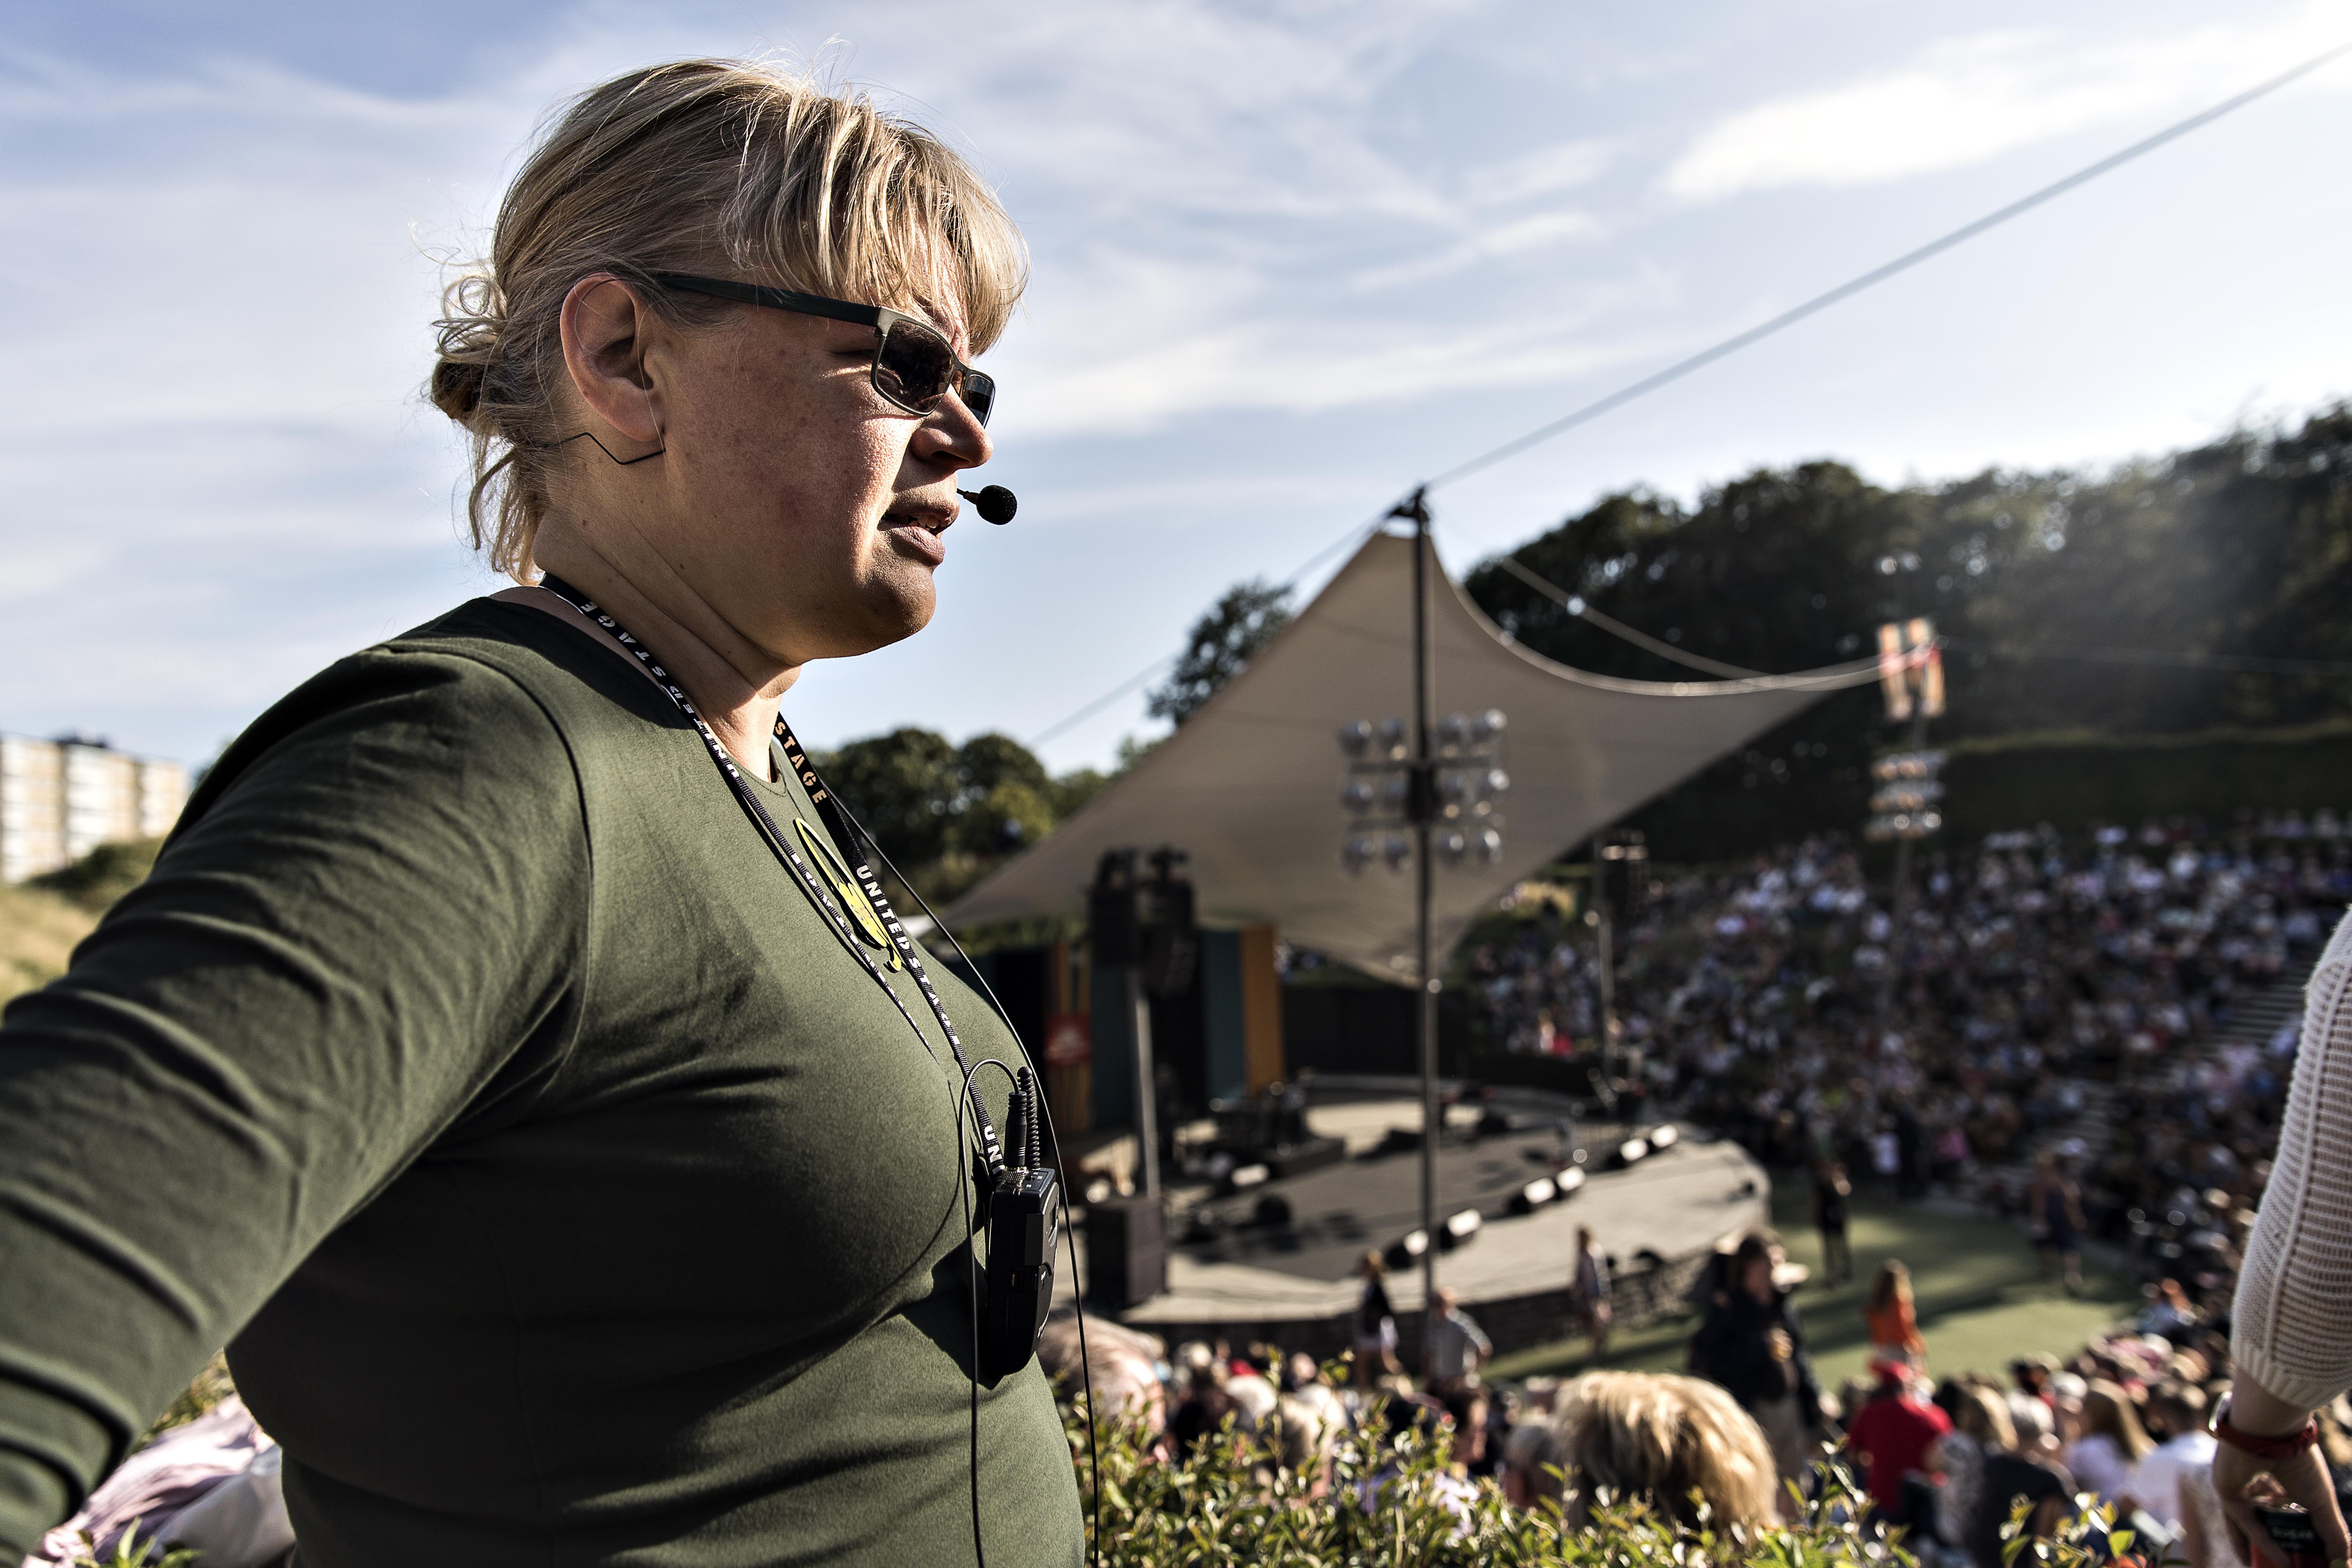 Jag med sändare och headsetmikrofon, framför en fullsatt utomhusteater och scen med segeldukstak..